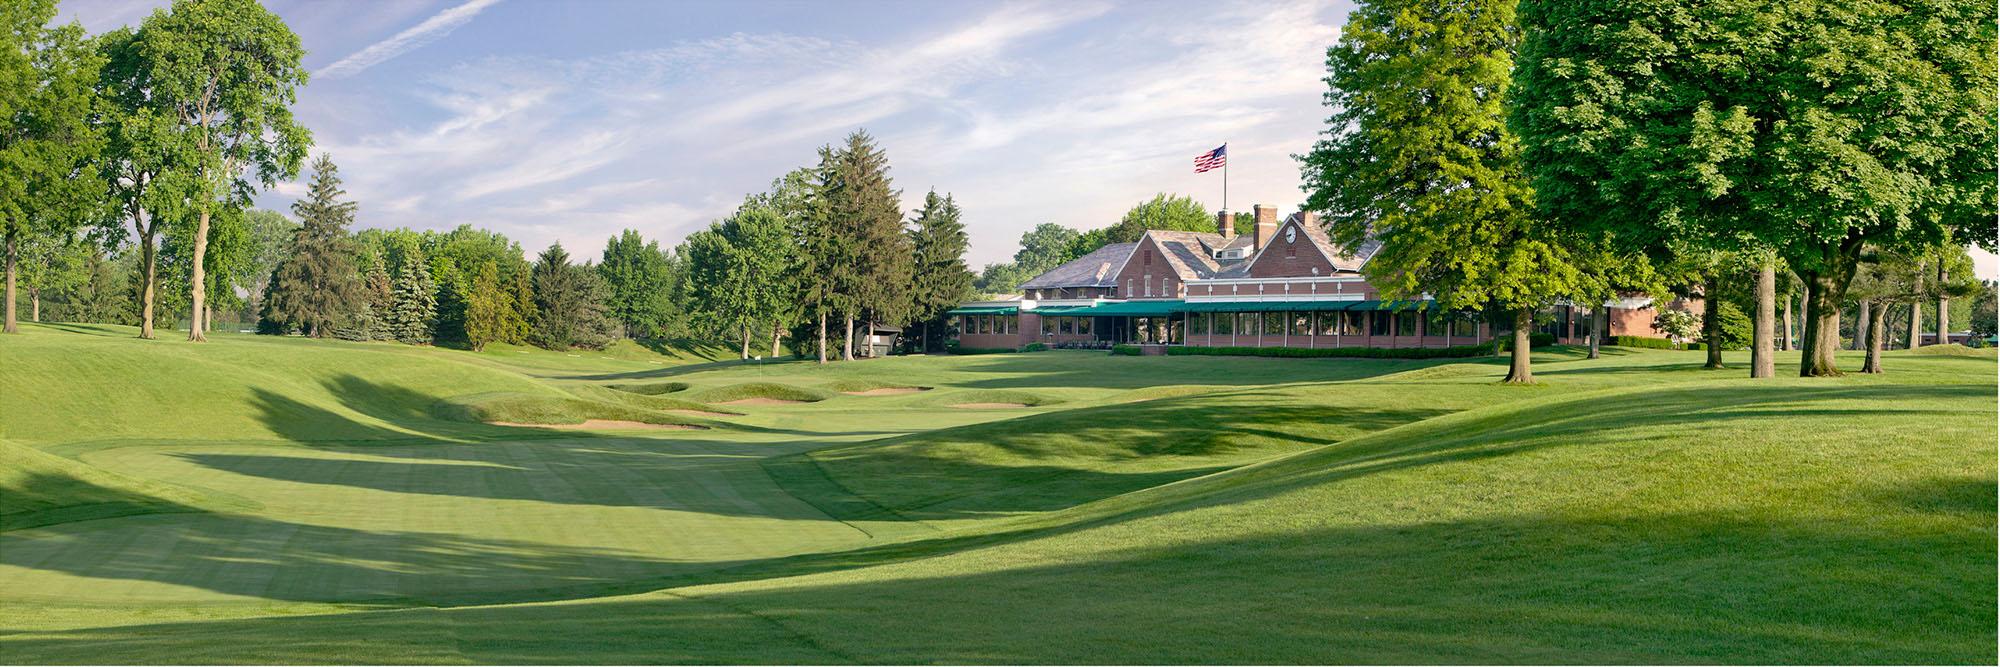 Golf Course Image - Inverness Club No. 18